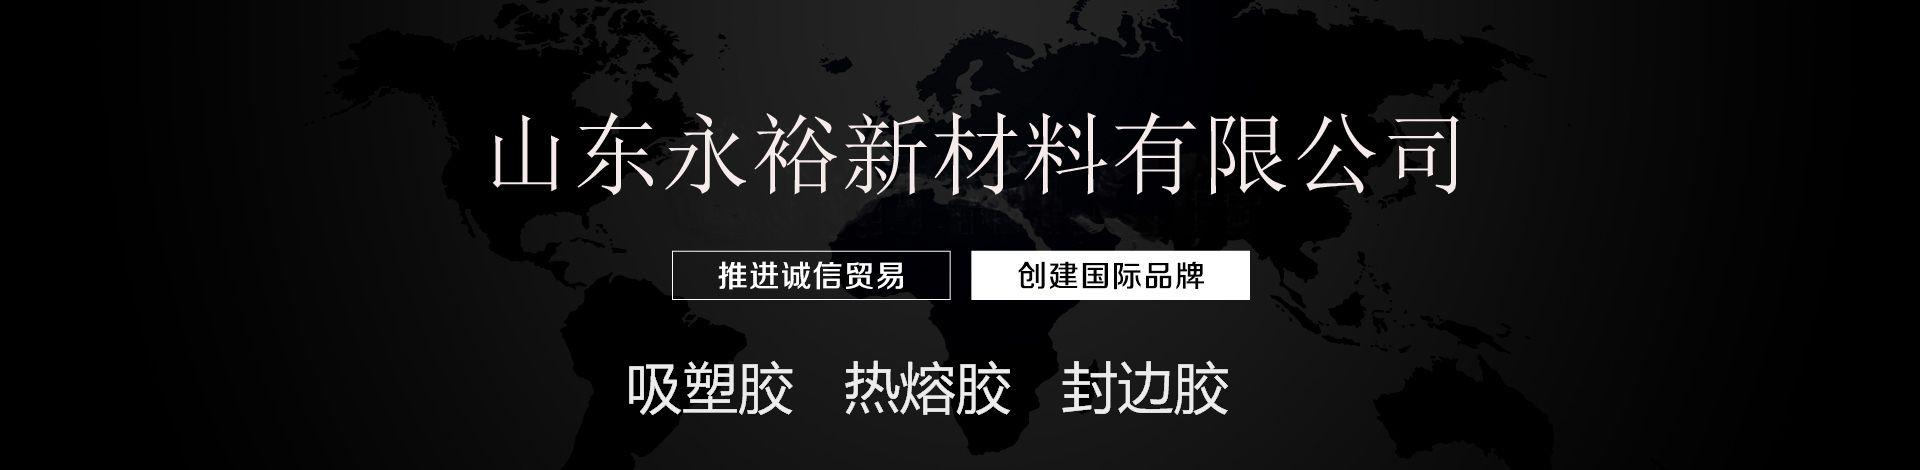 山东永裕新材料有限公司